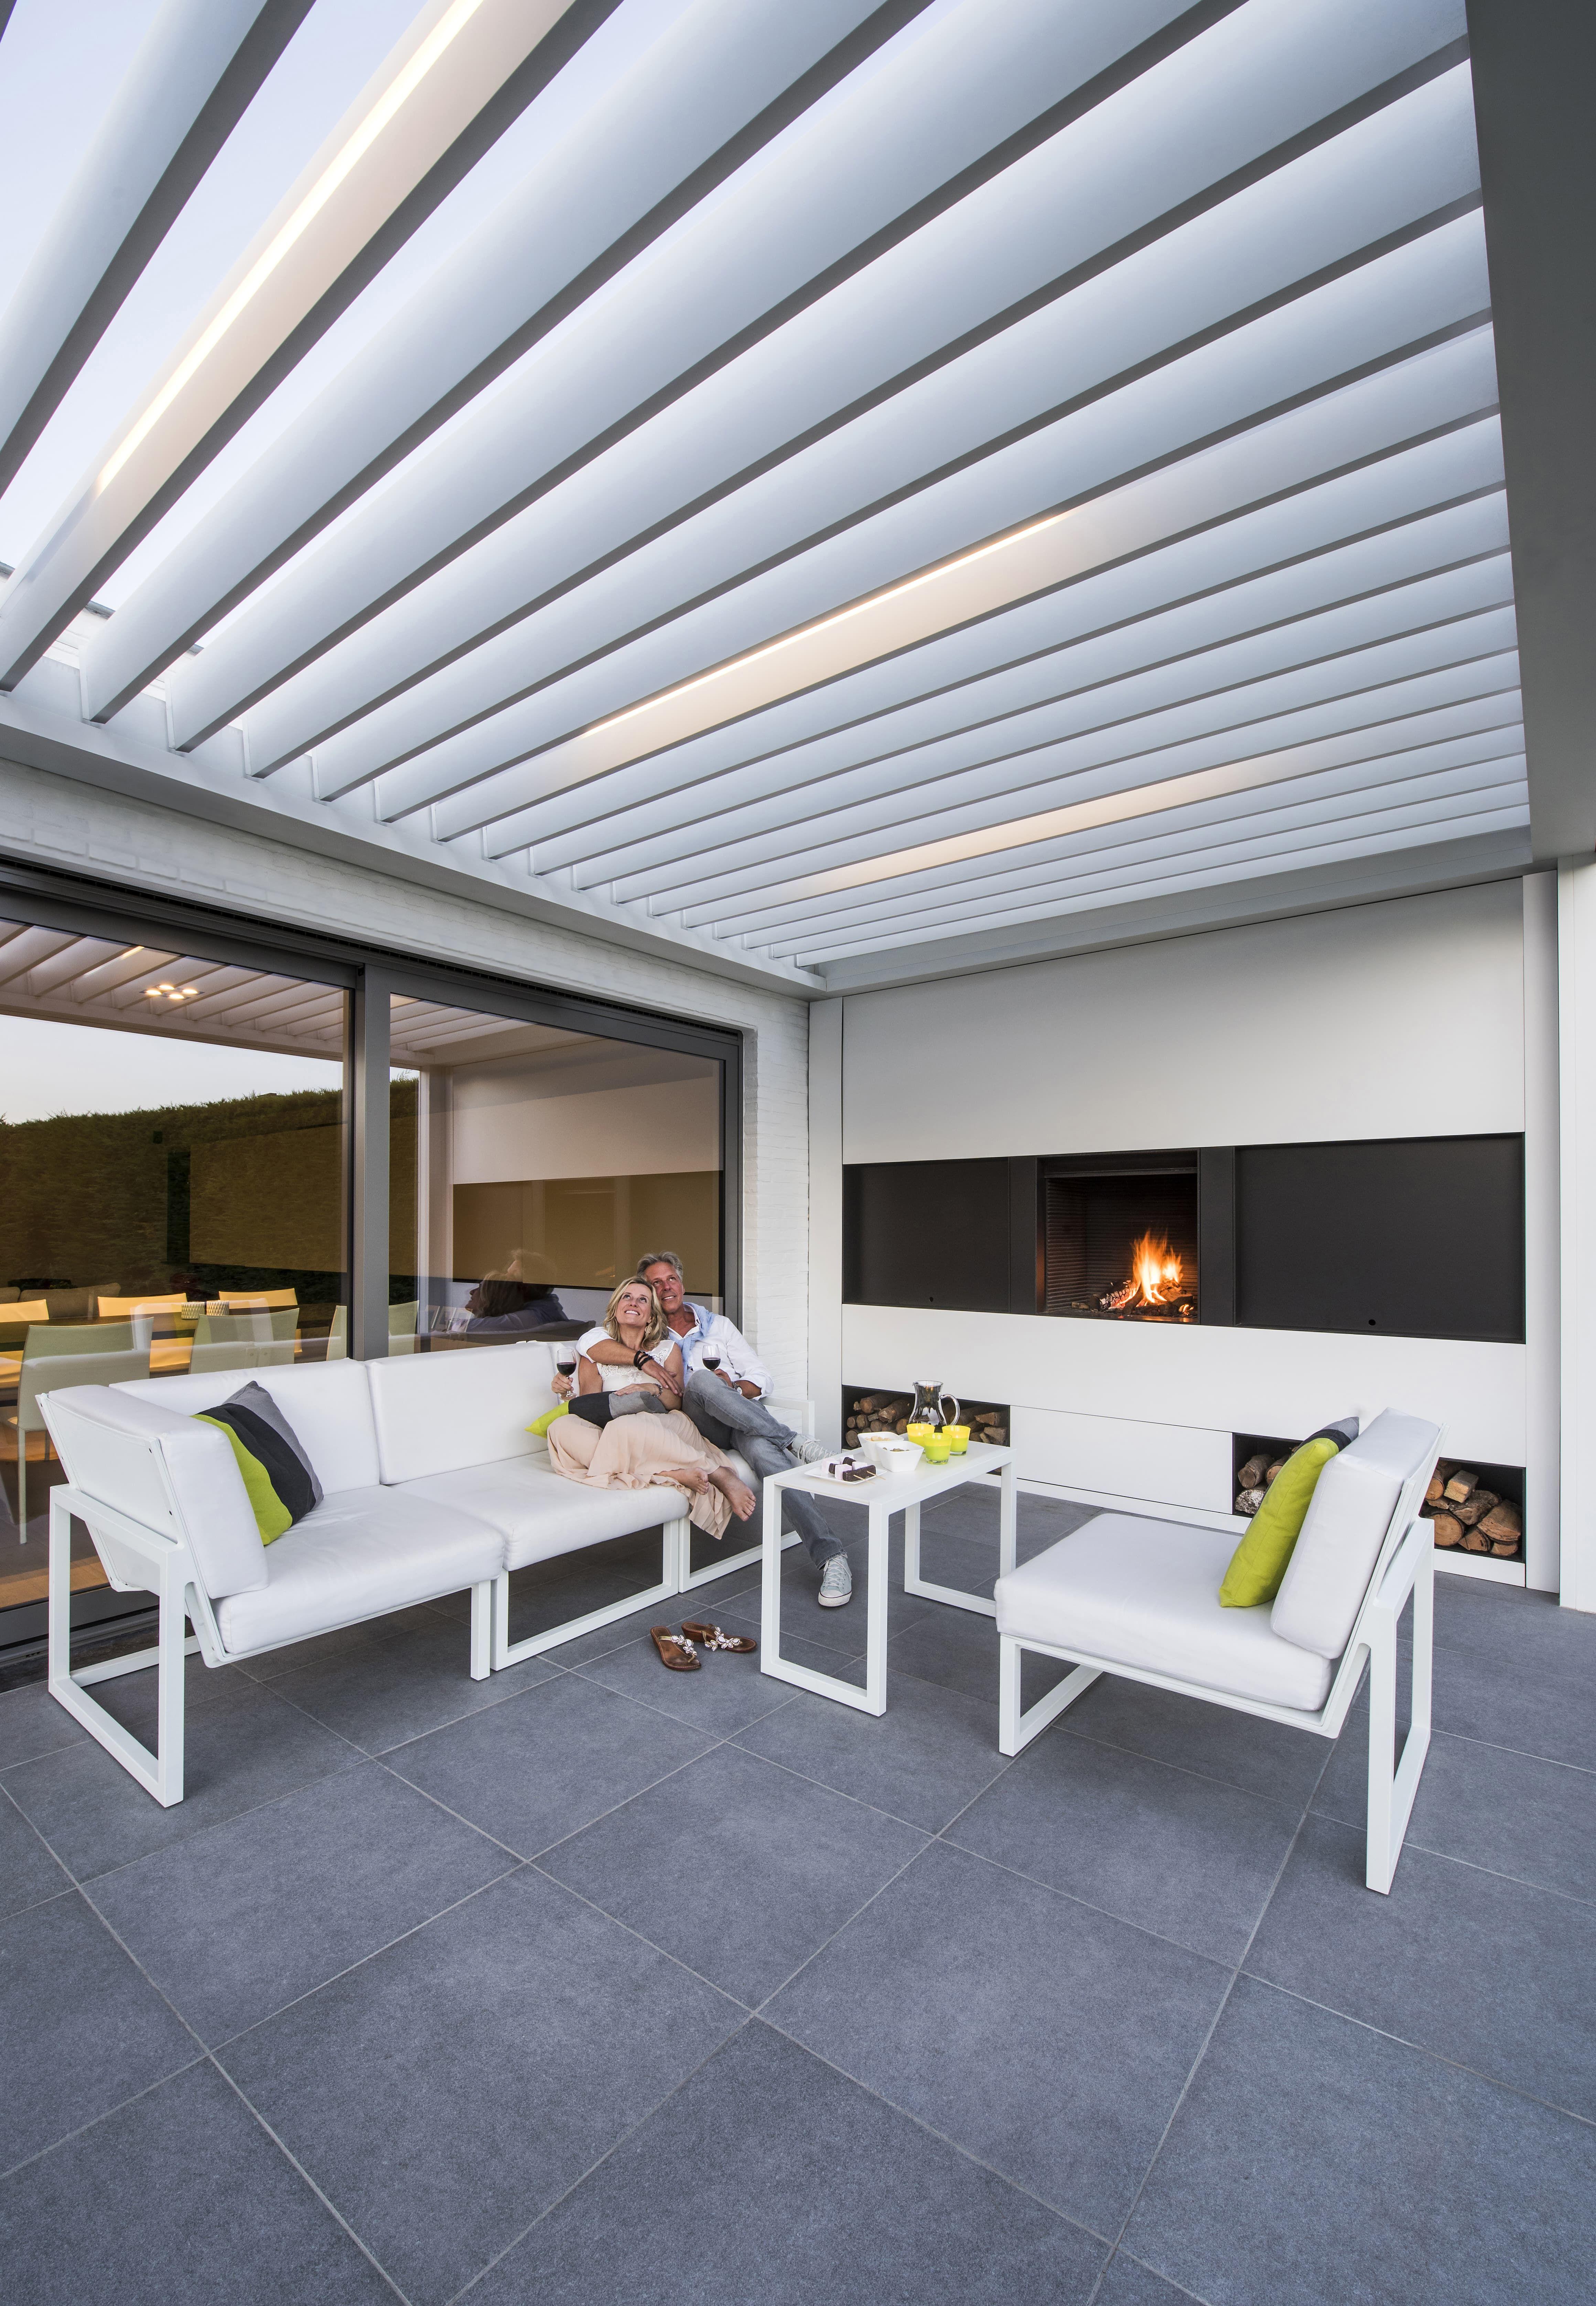 Die Terrassenüberdachung Renson Camargue® Ist Ein Innovatives U0026 Stilvolles  Terrassendach Mit Lamellen ☂ Schirmherrschaft.de   Renson Ambassador